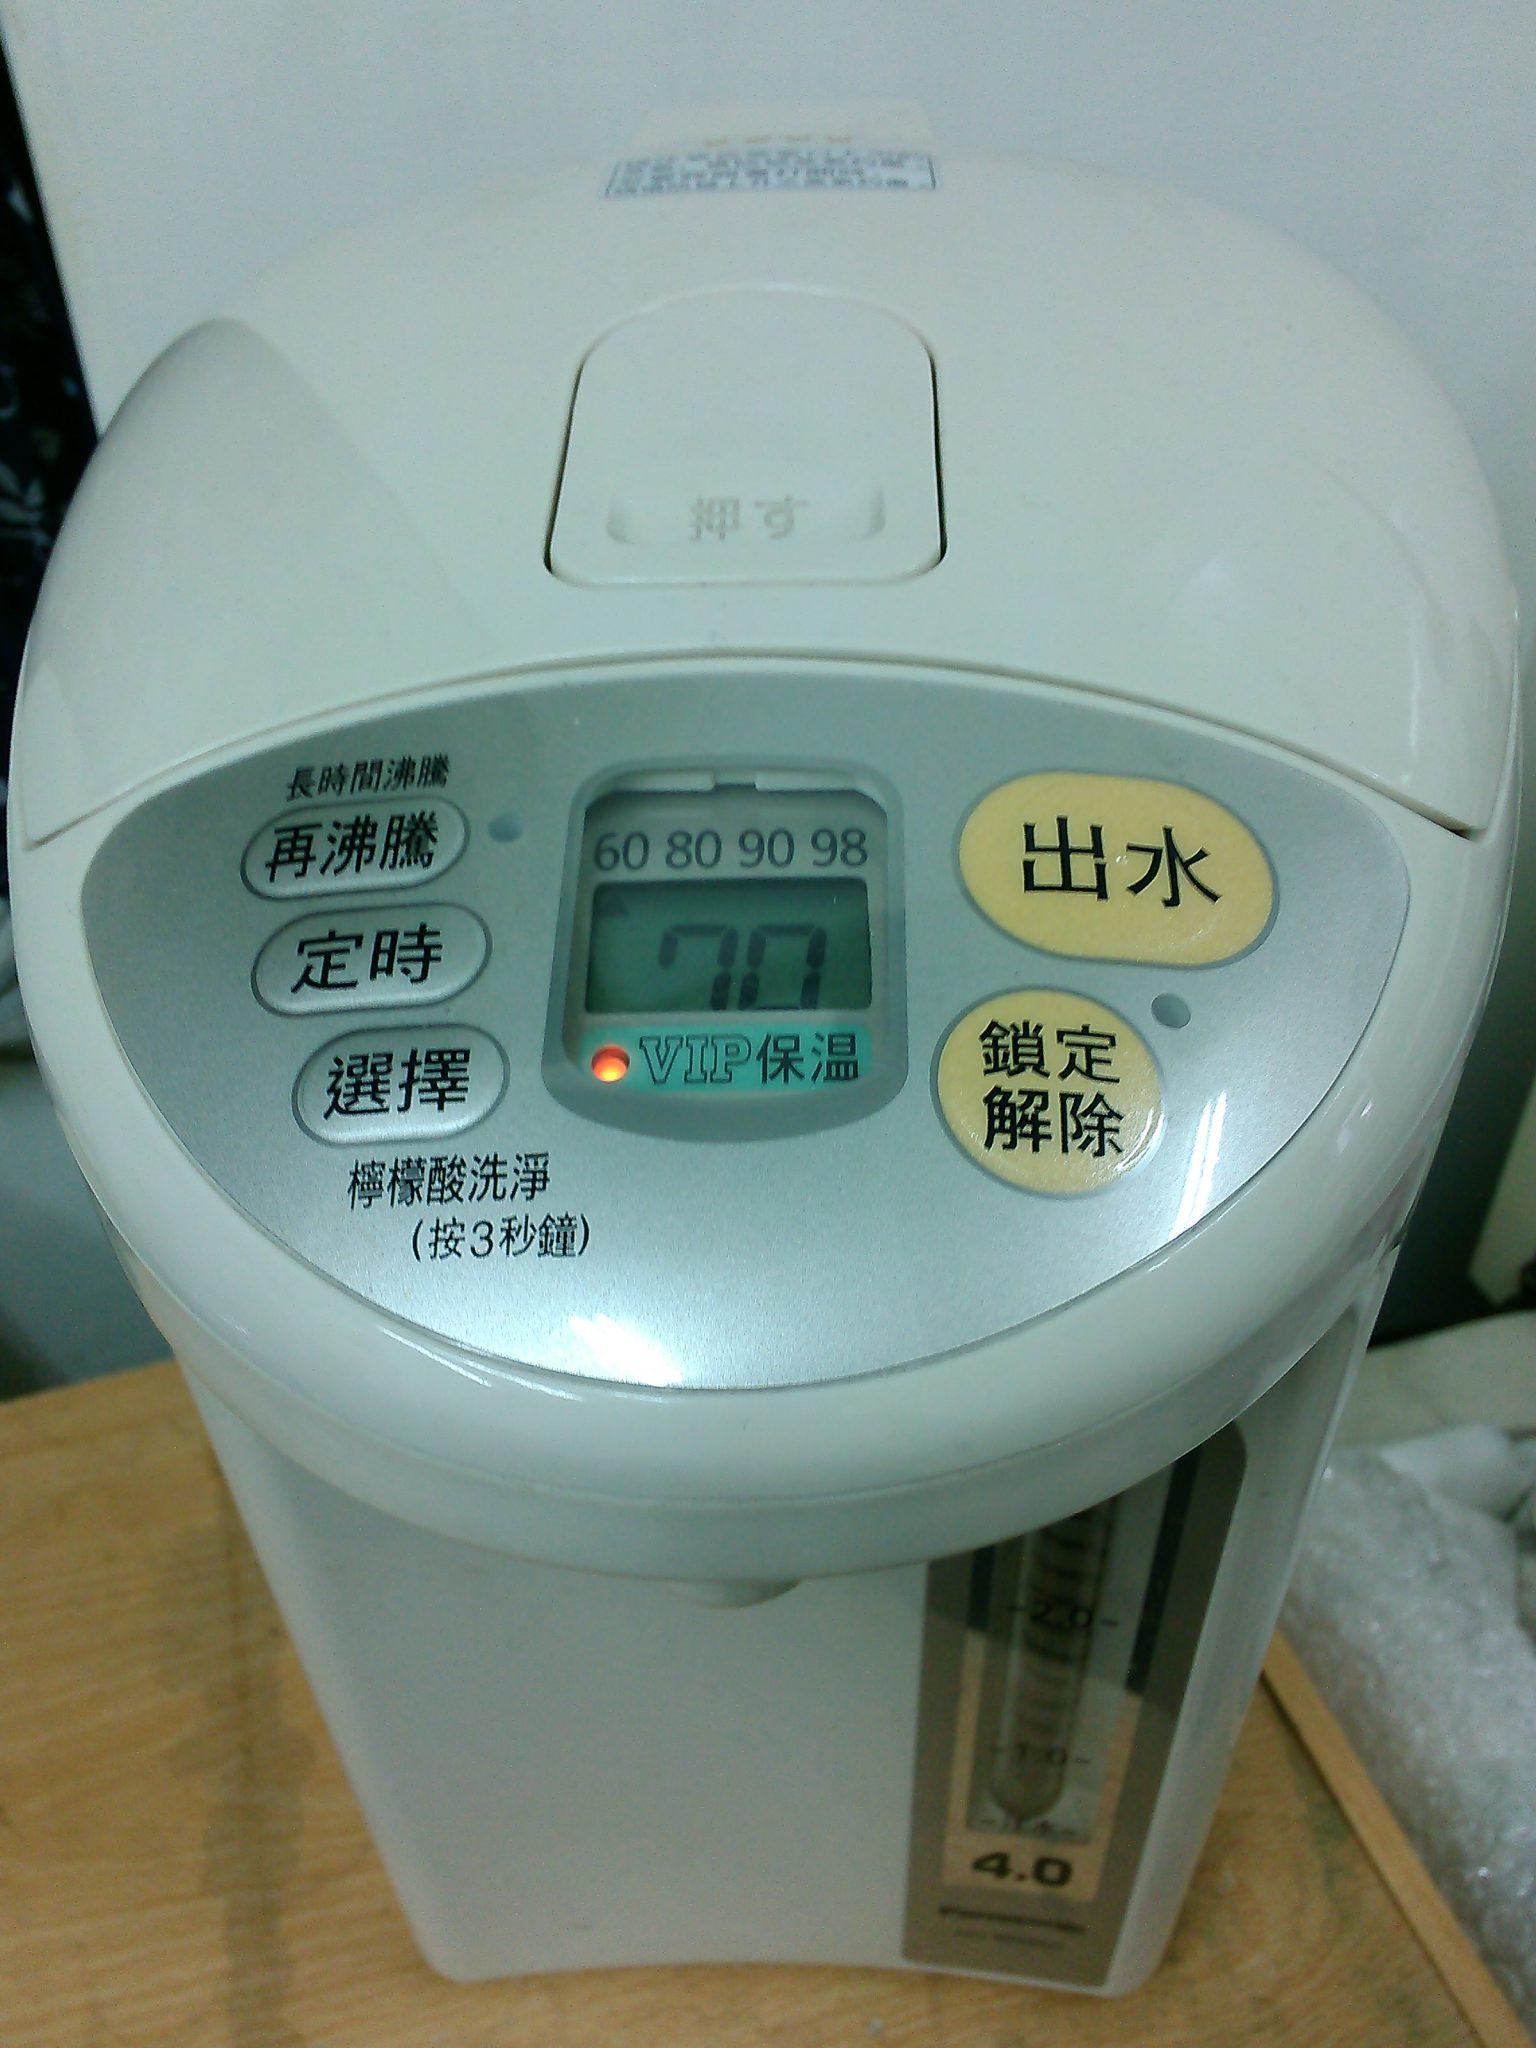 夏月省電訣竅!拔熱水瓶=省1台冰箱電費